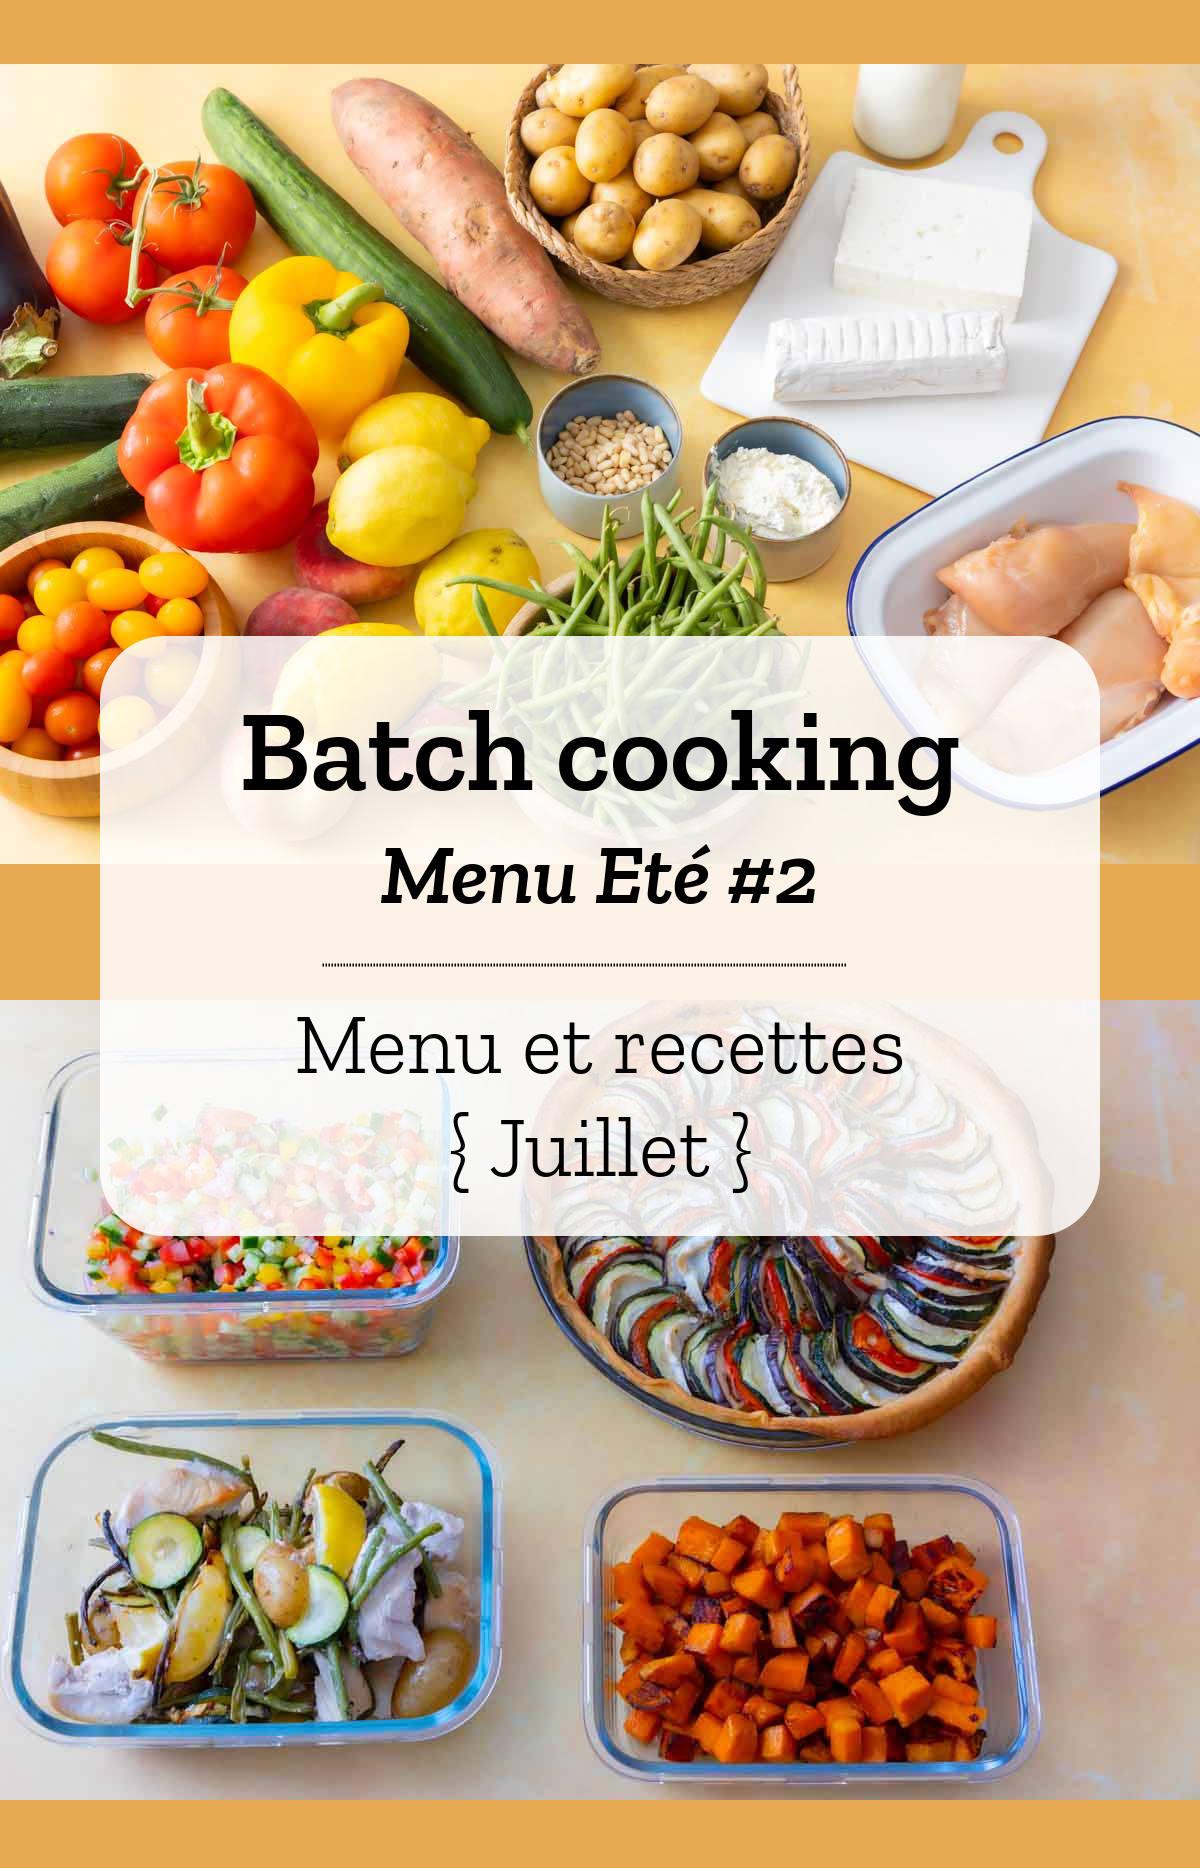 Batch cooking Eté #2 - Mois de Juillet - Semaine 27